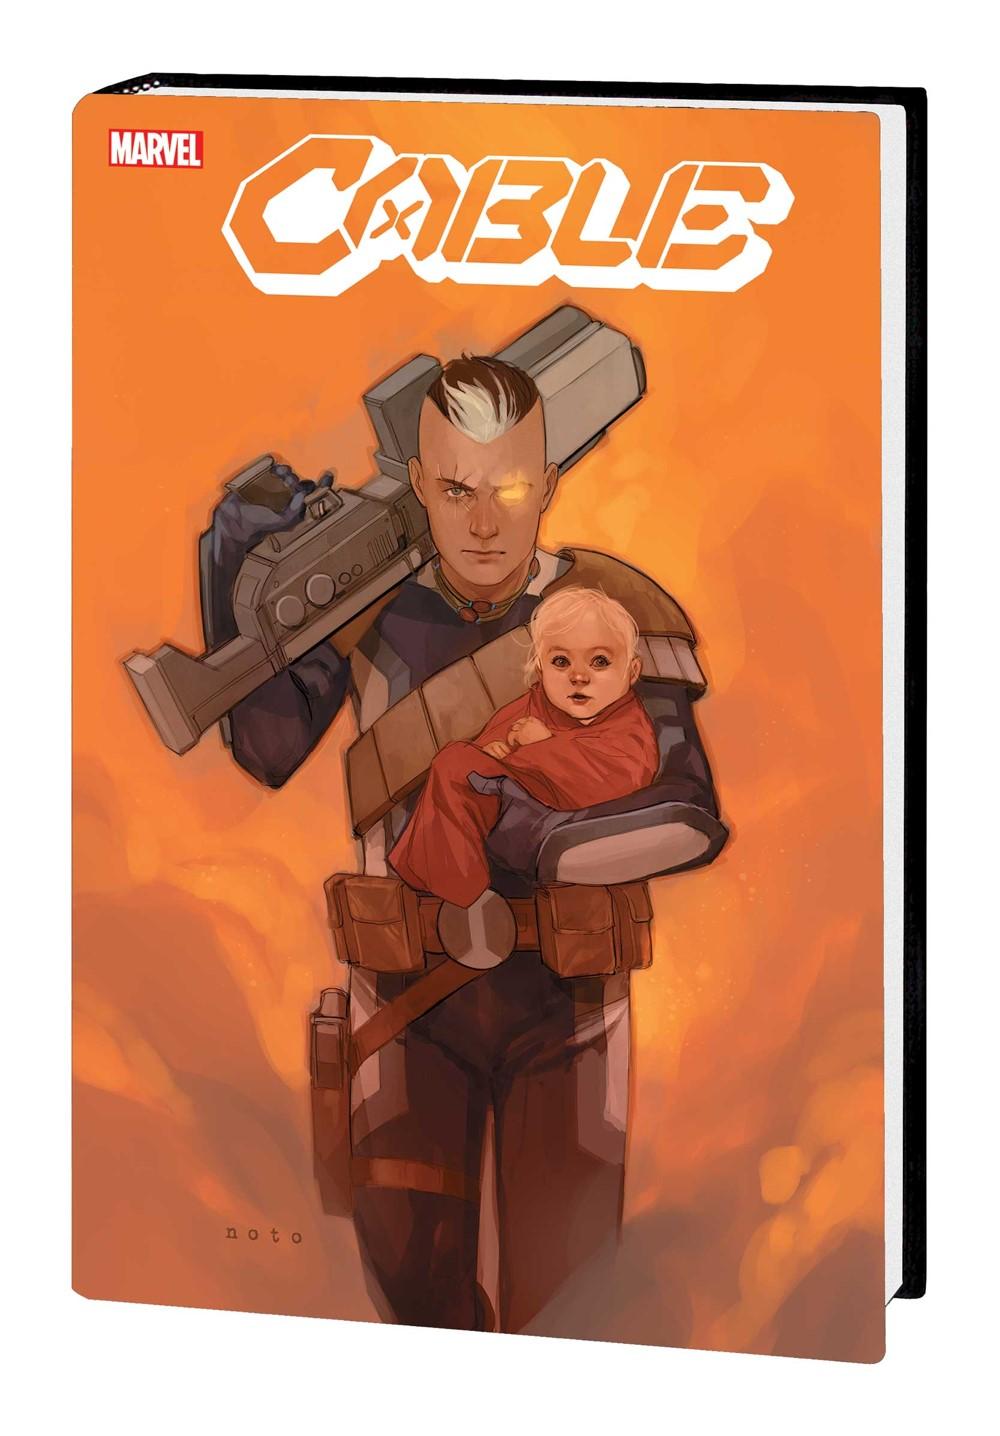 CABLE_GD_VOL_1_HC Marvel Comics November 2021 Solicitations